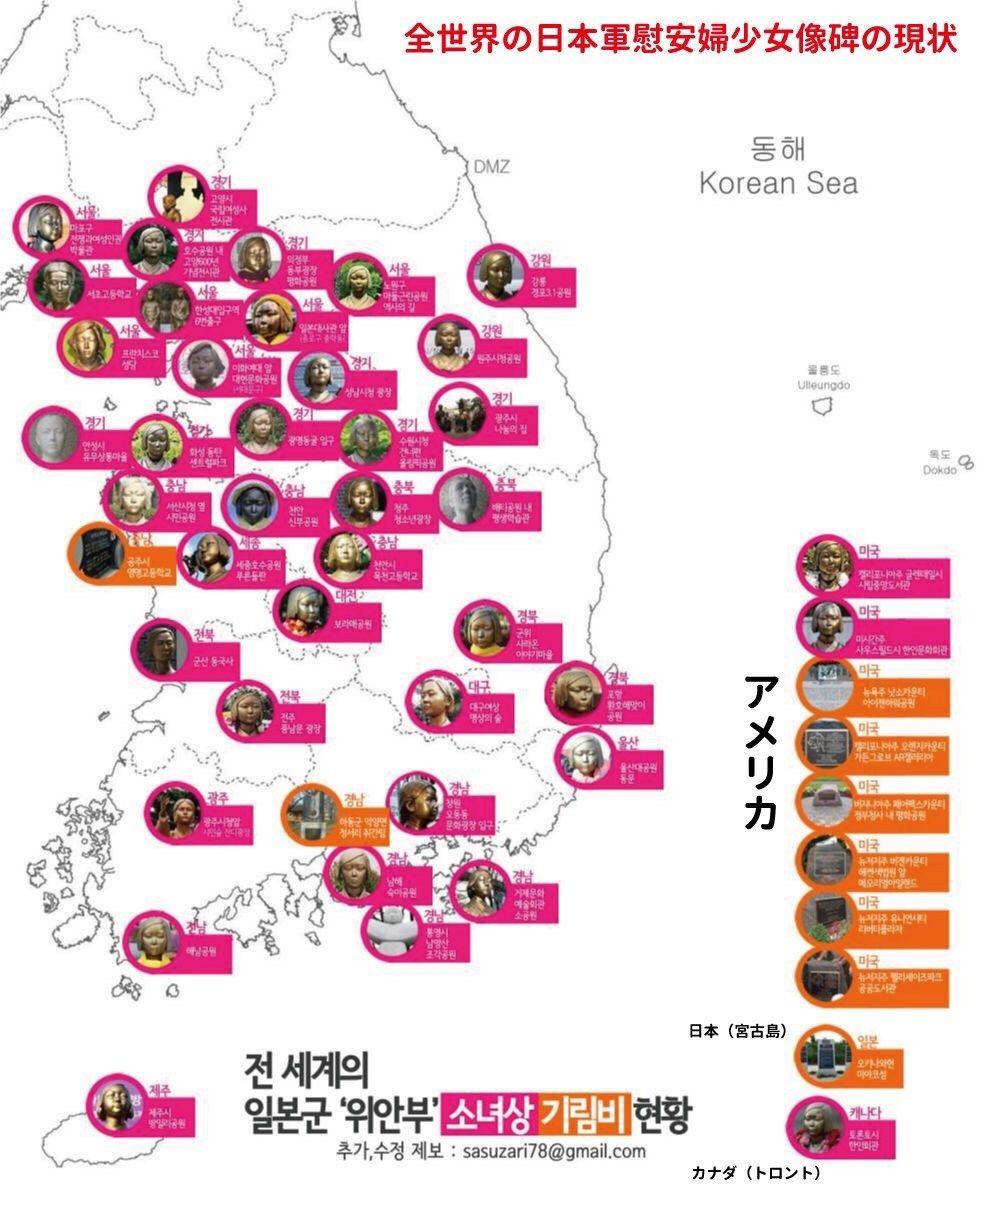 韓国の市民団体「日本政府が慰安婦合意に固執する場合、少女像はさらに多く設置されるしかない」 慰安婦像37体から約60体に増える見通し